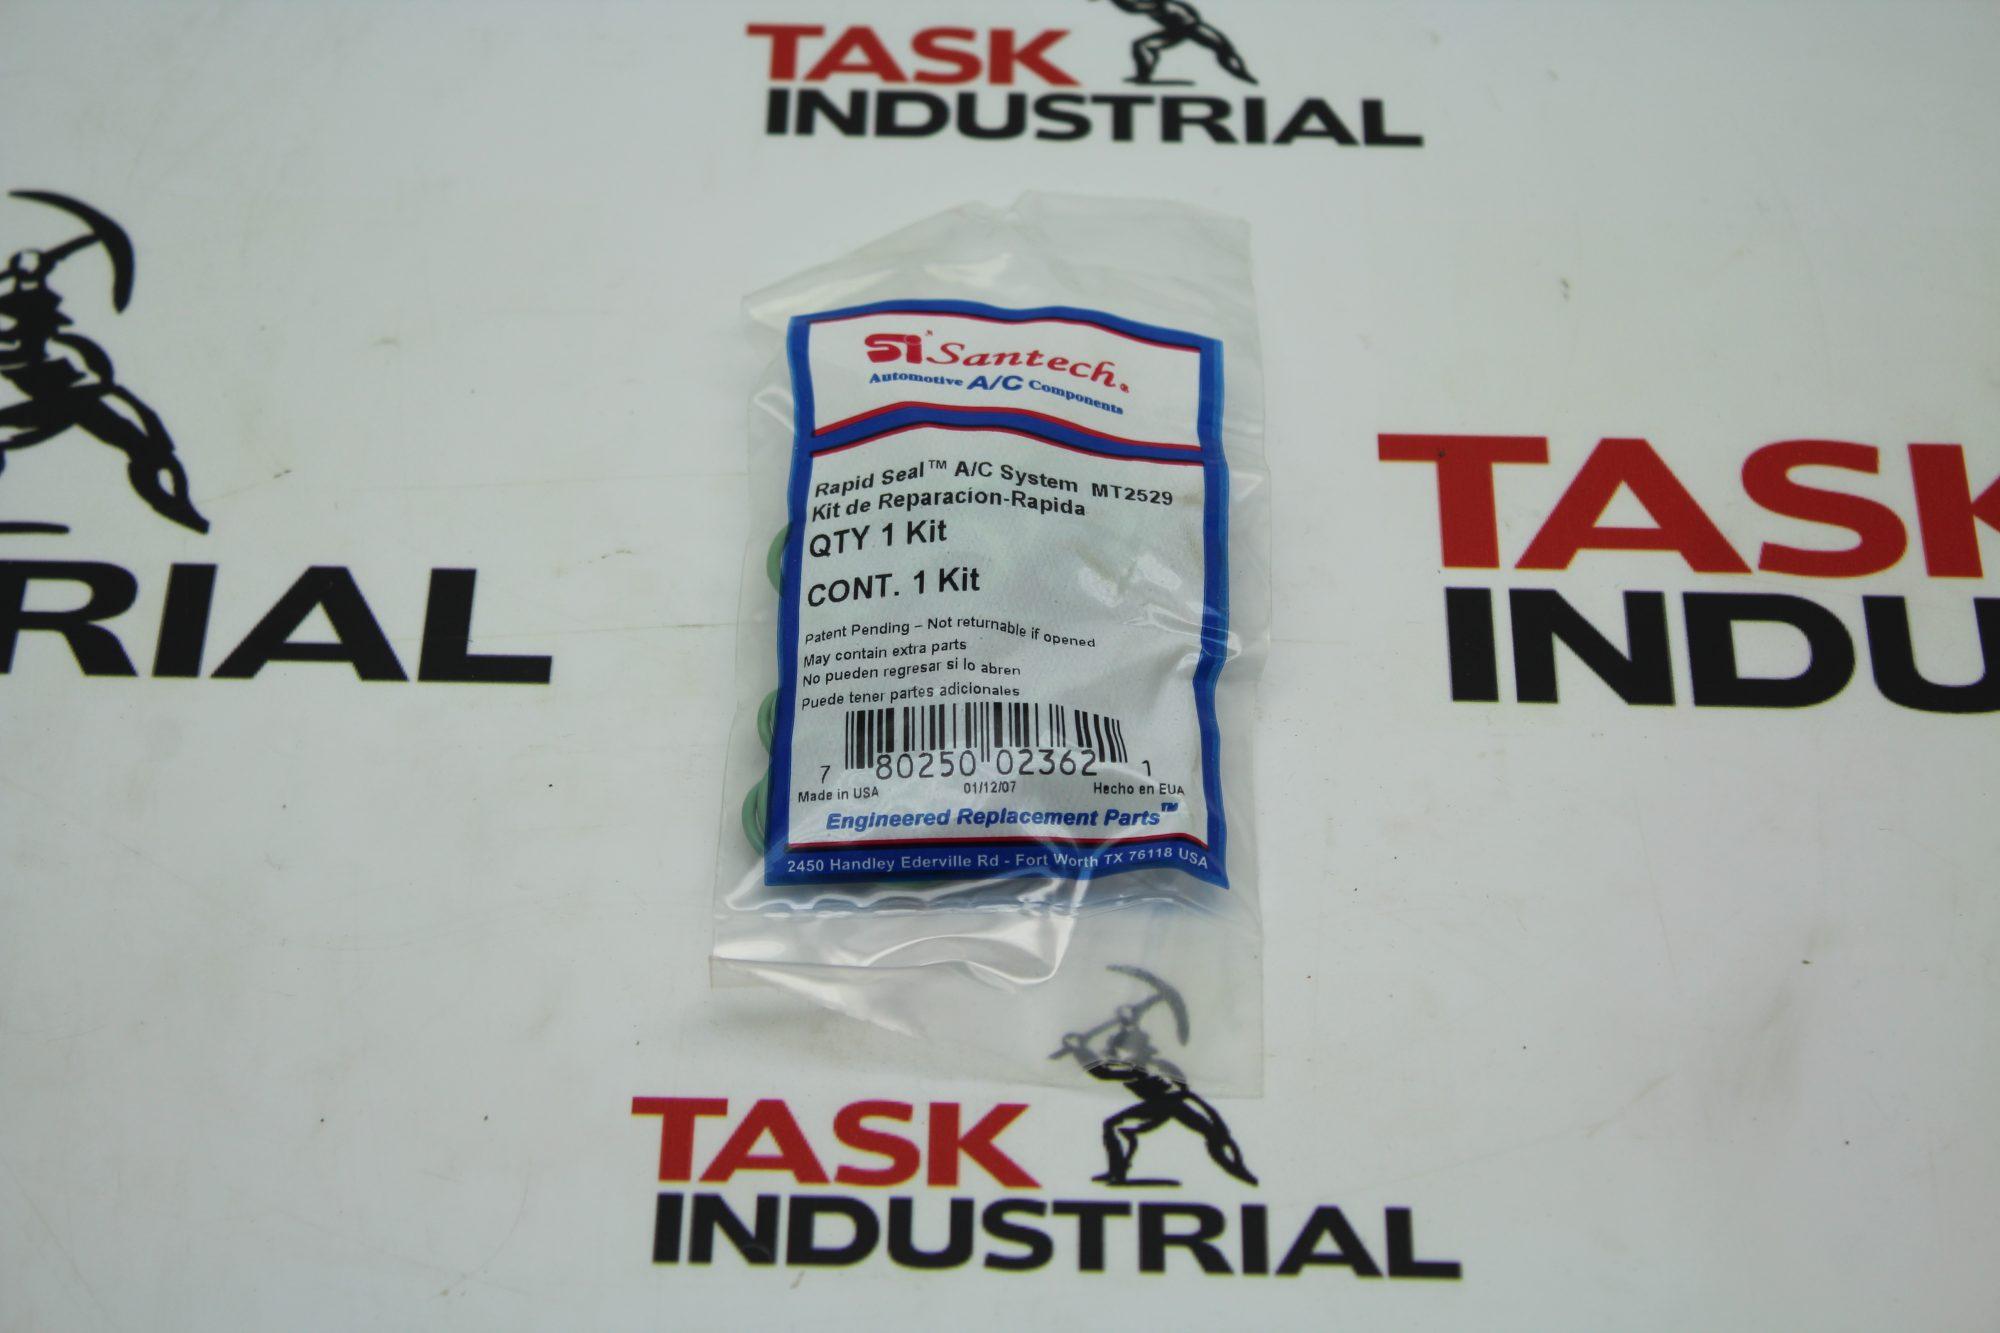 Santech MT2529 Rapid Seal A/C System Kit